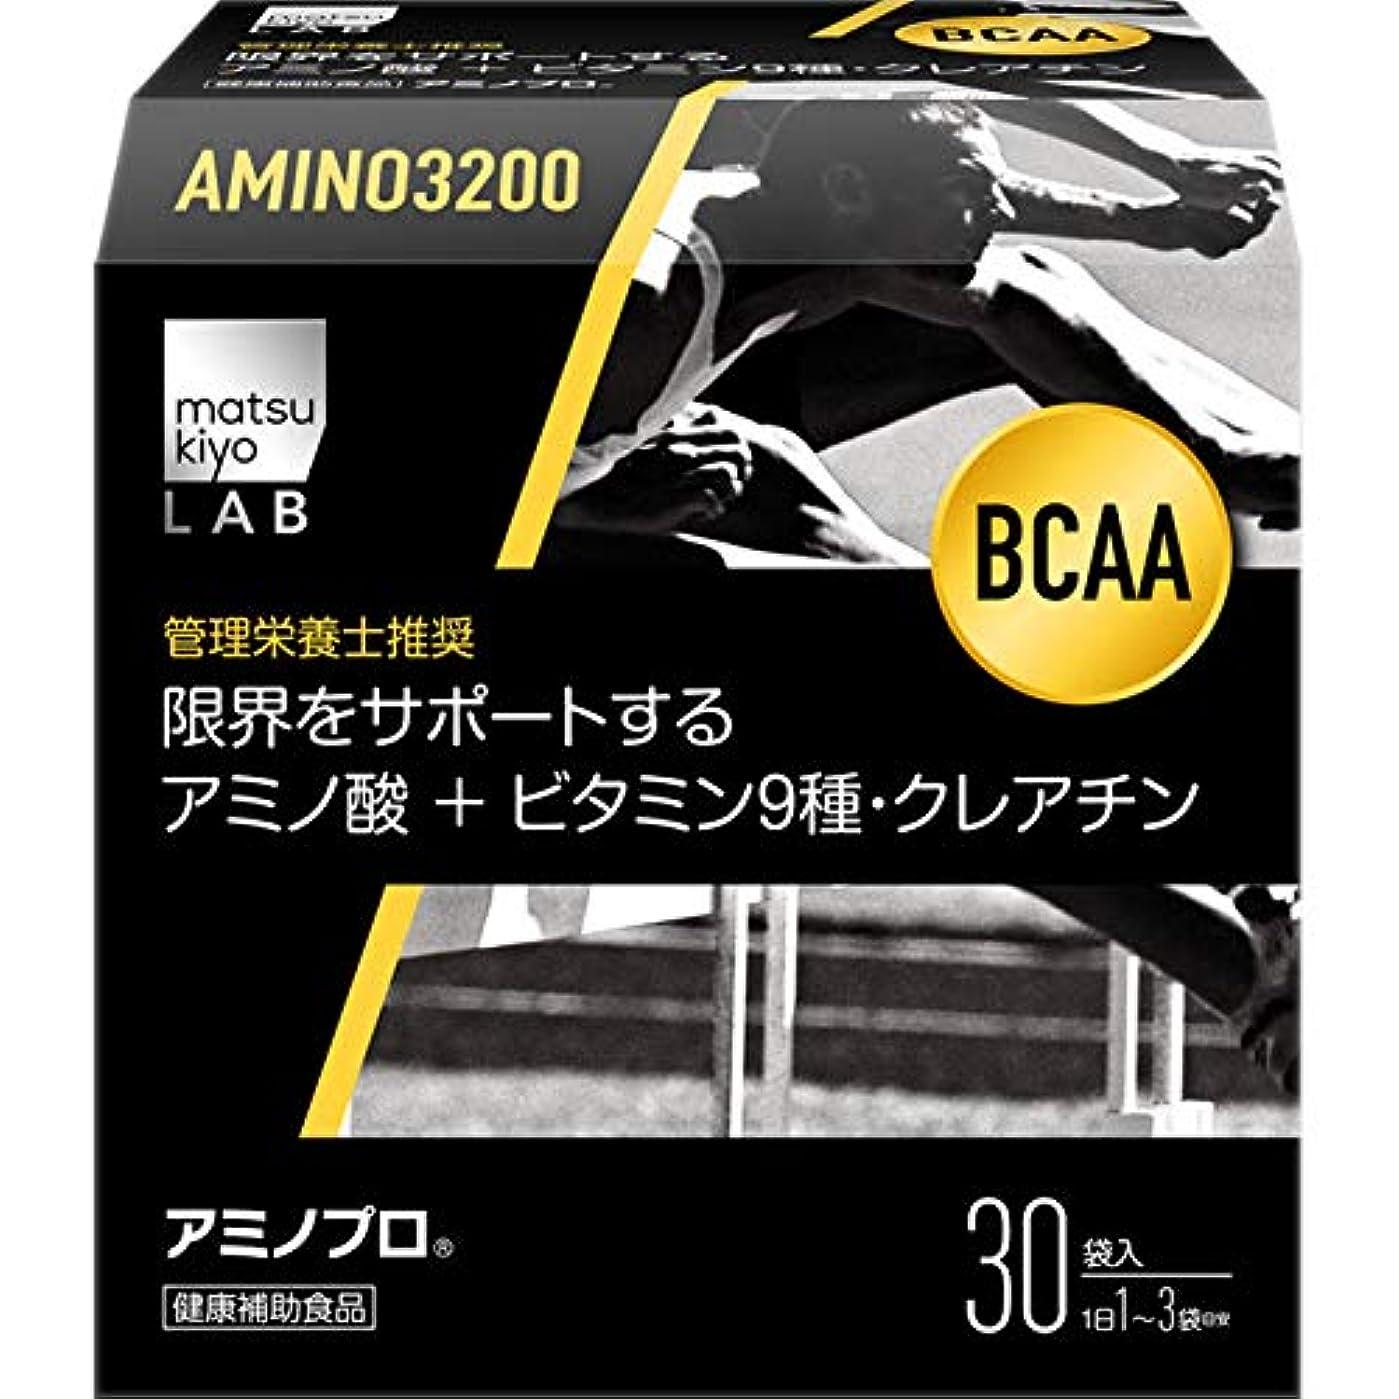 成熟リズムmatsukiyo LAB アミノプロ 30包